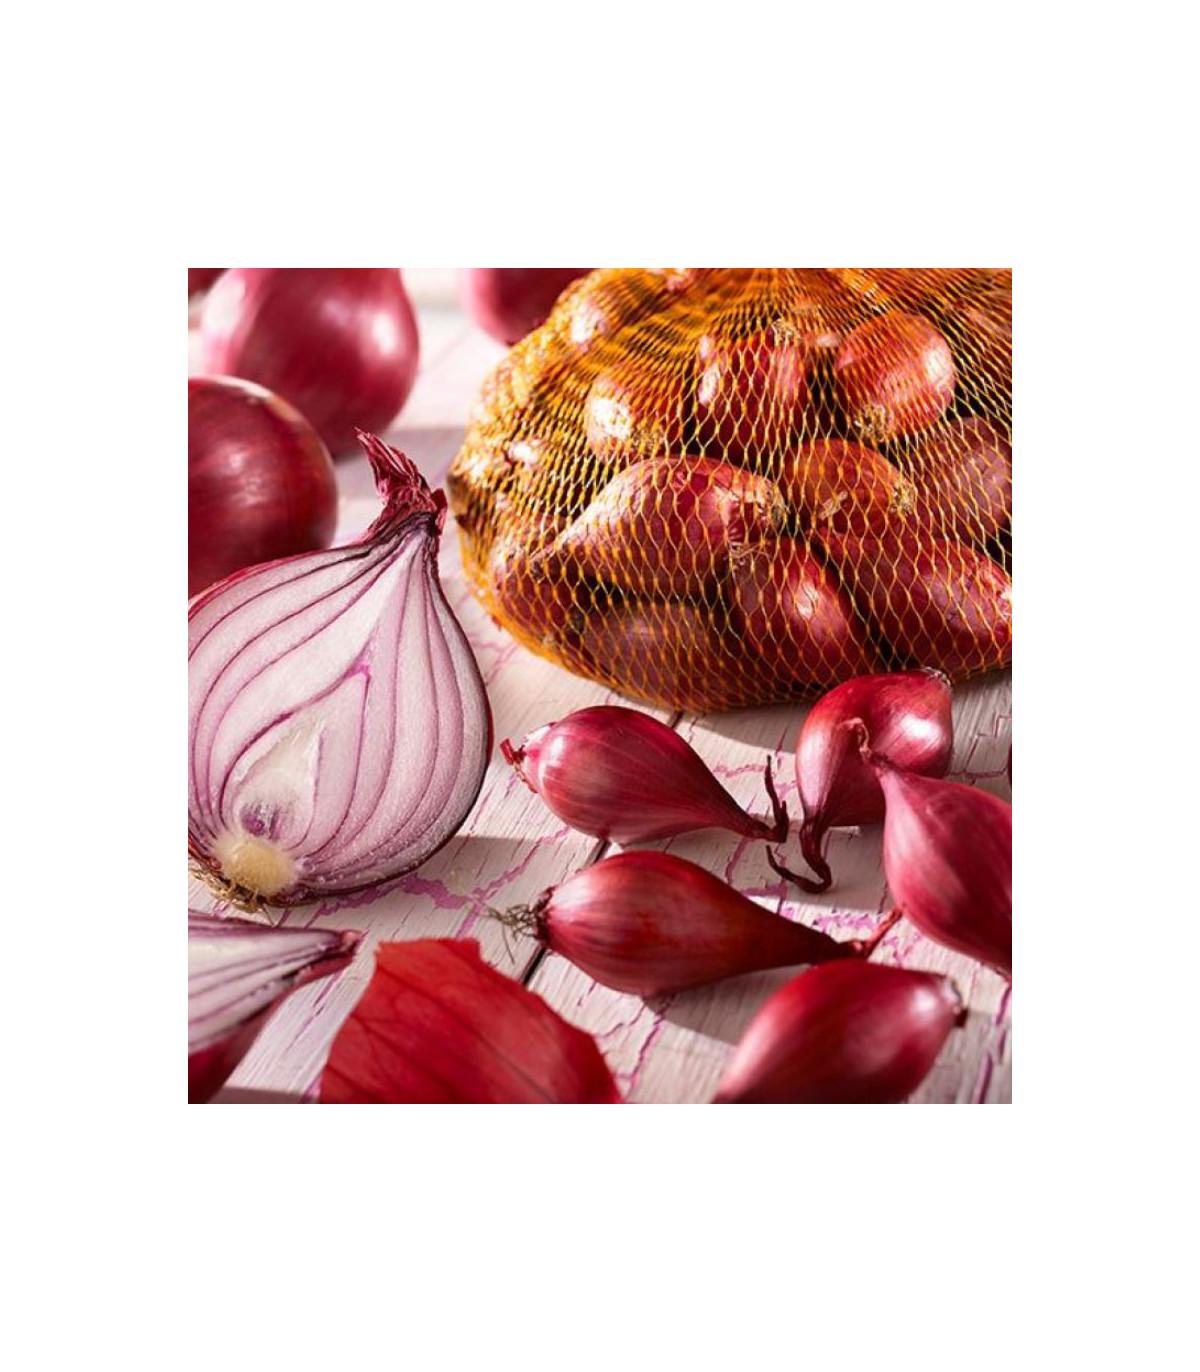 Cibuľka sadzačka Piroska - Allium cepa - cibuľky - 250 g